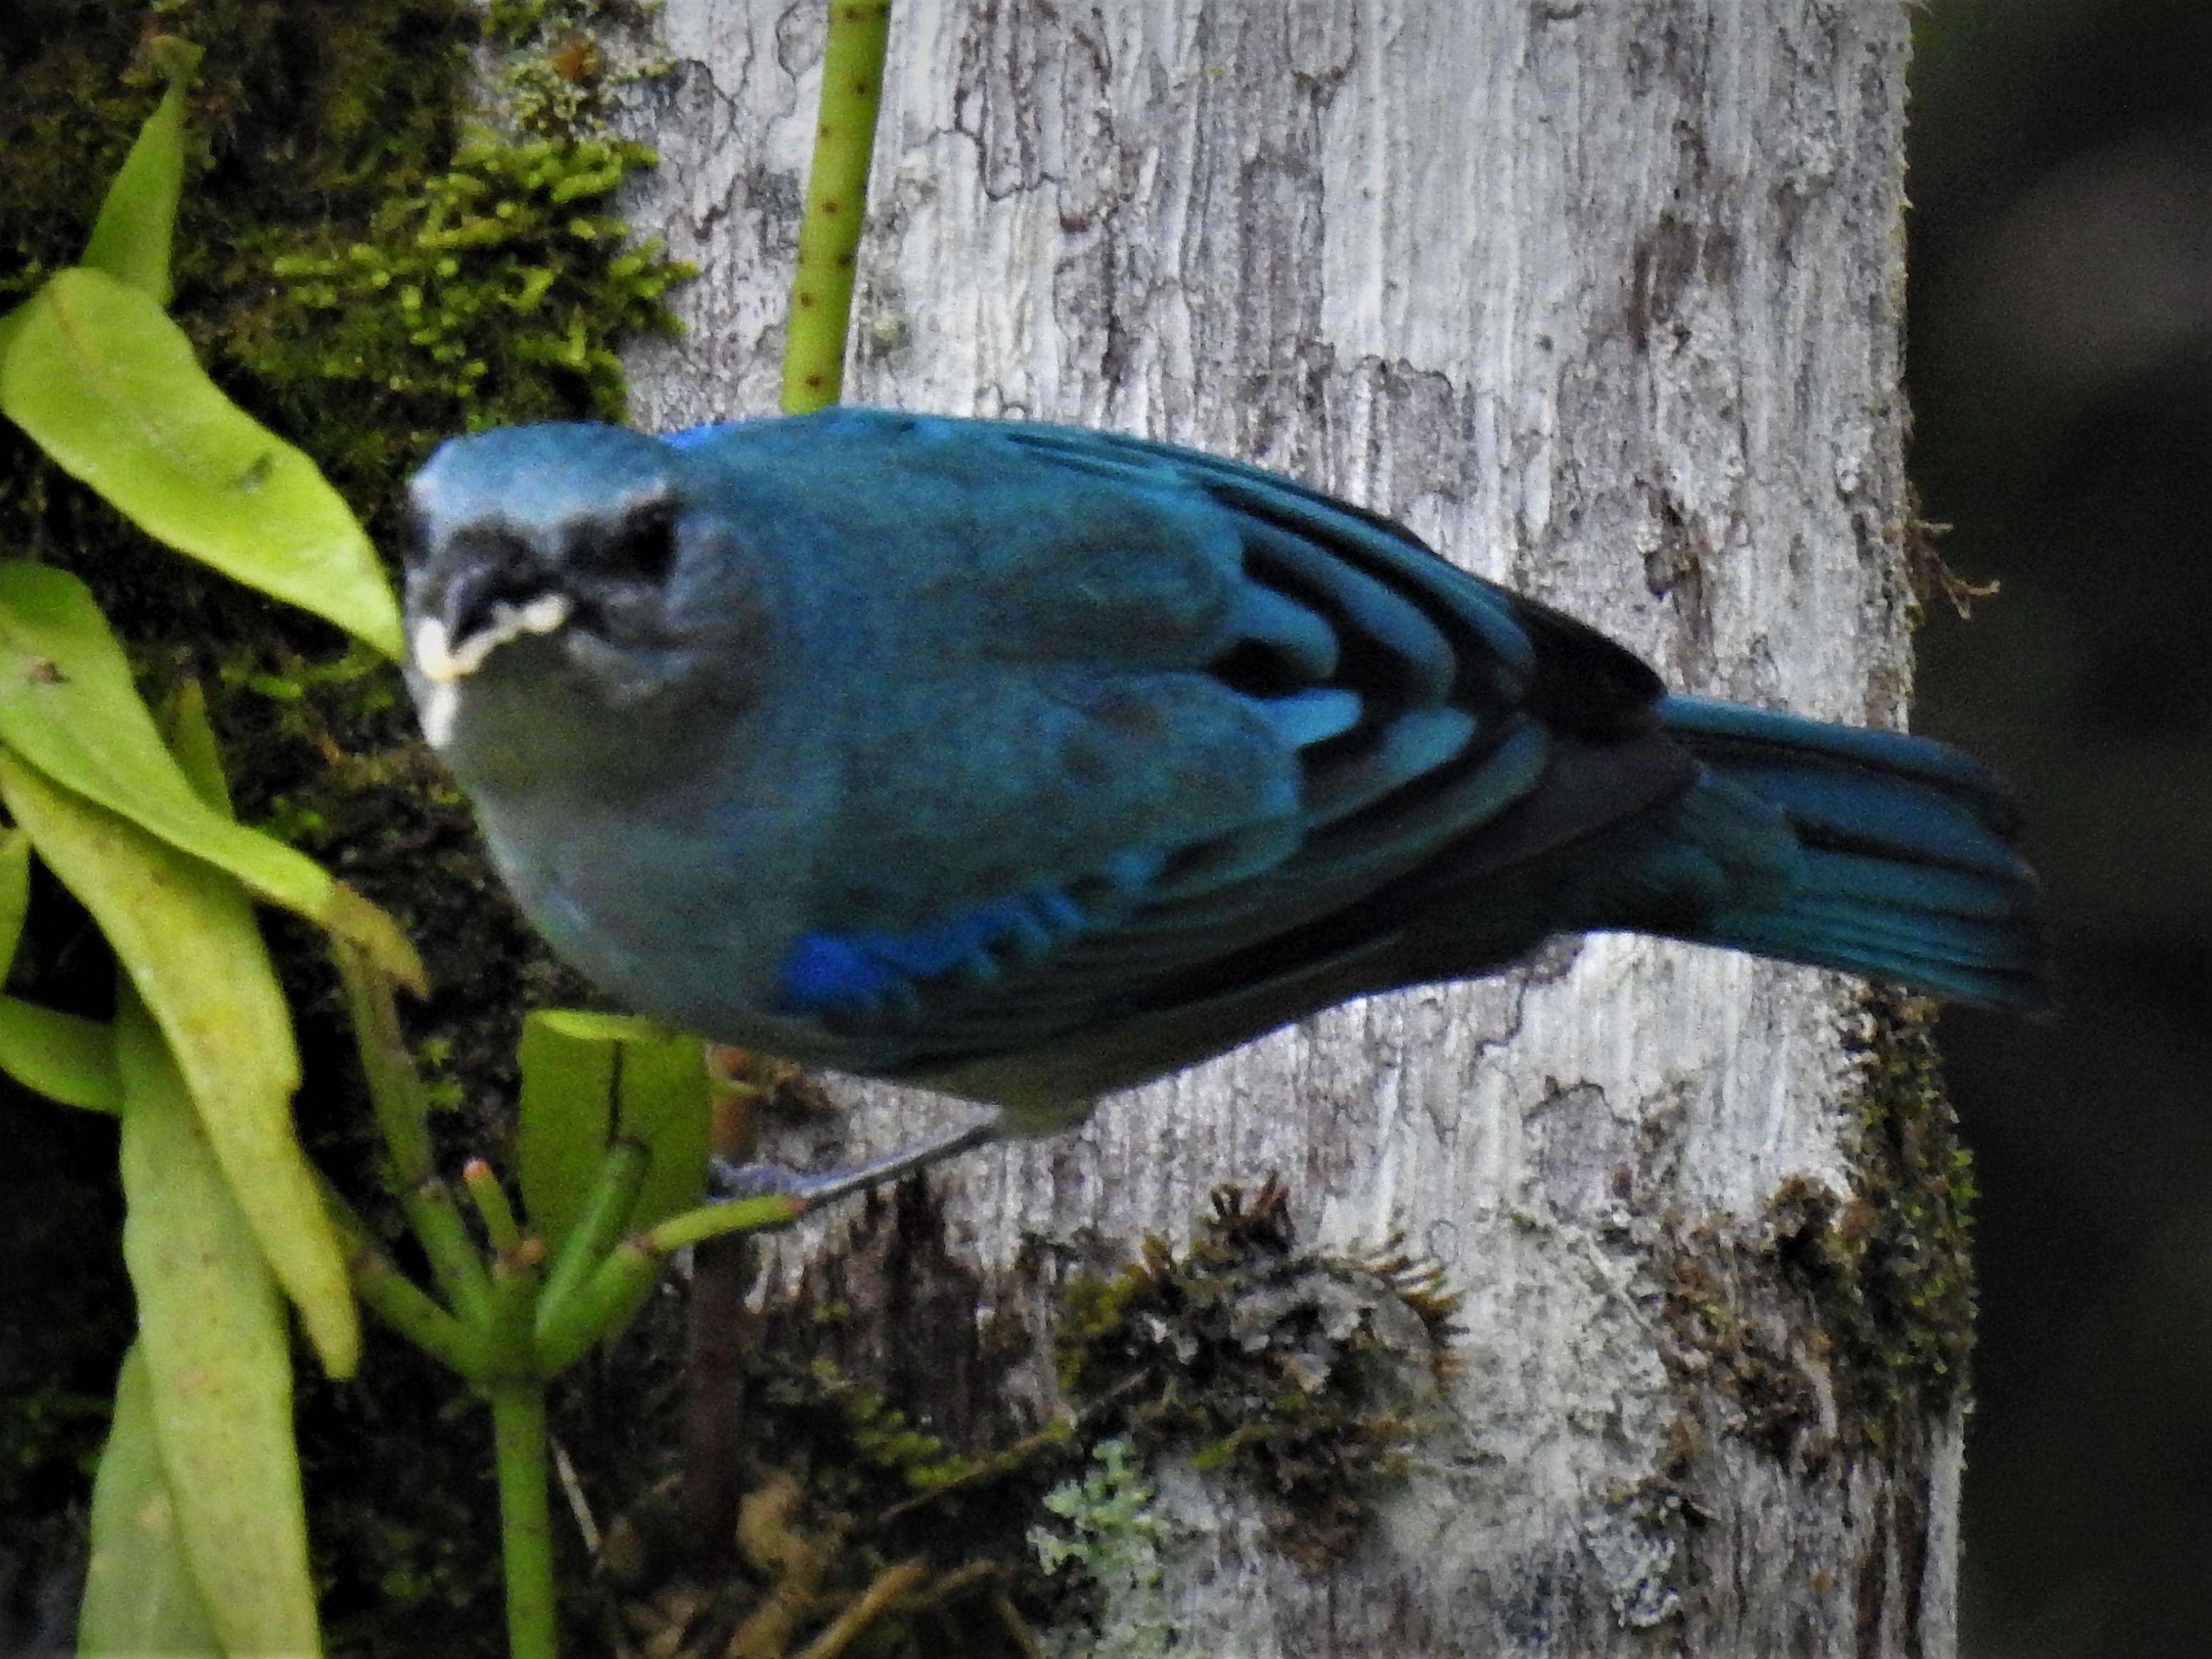 Sanhaçu-de-encontro-azul1